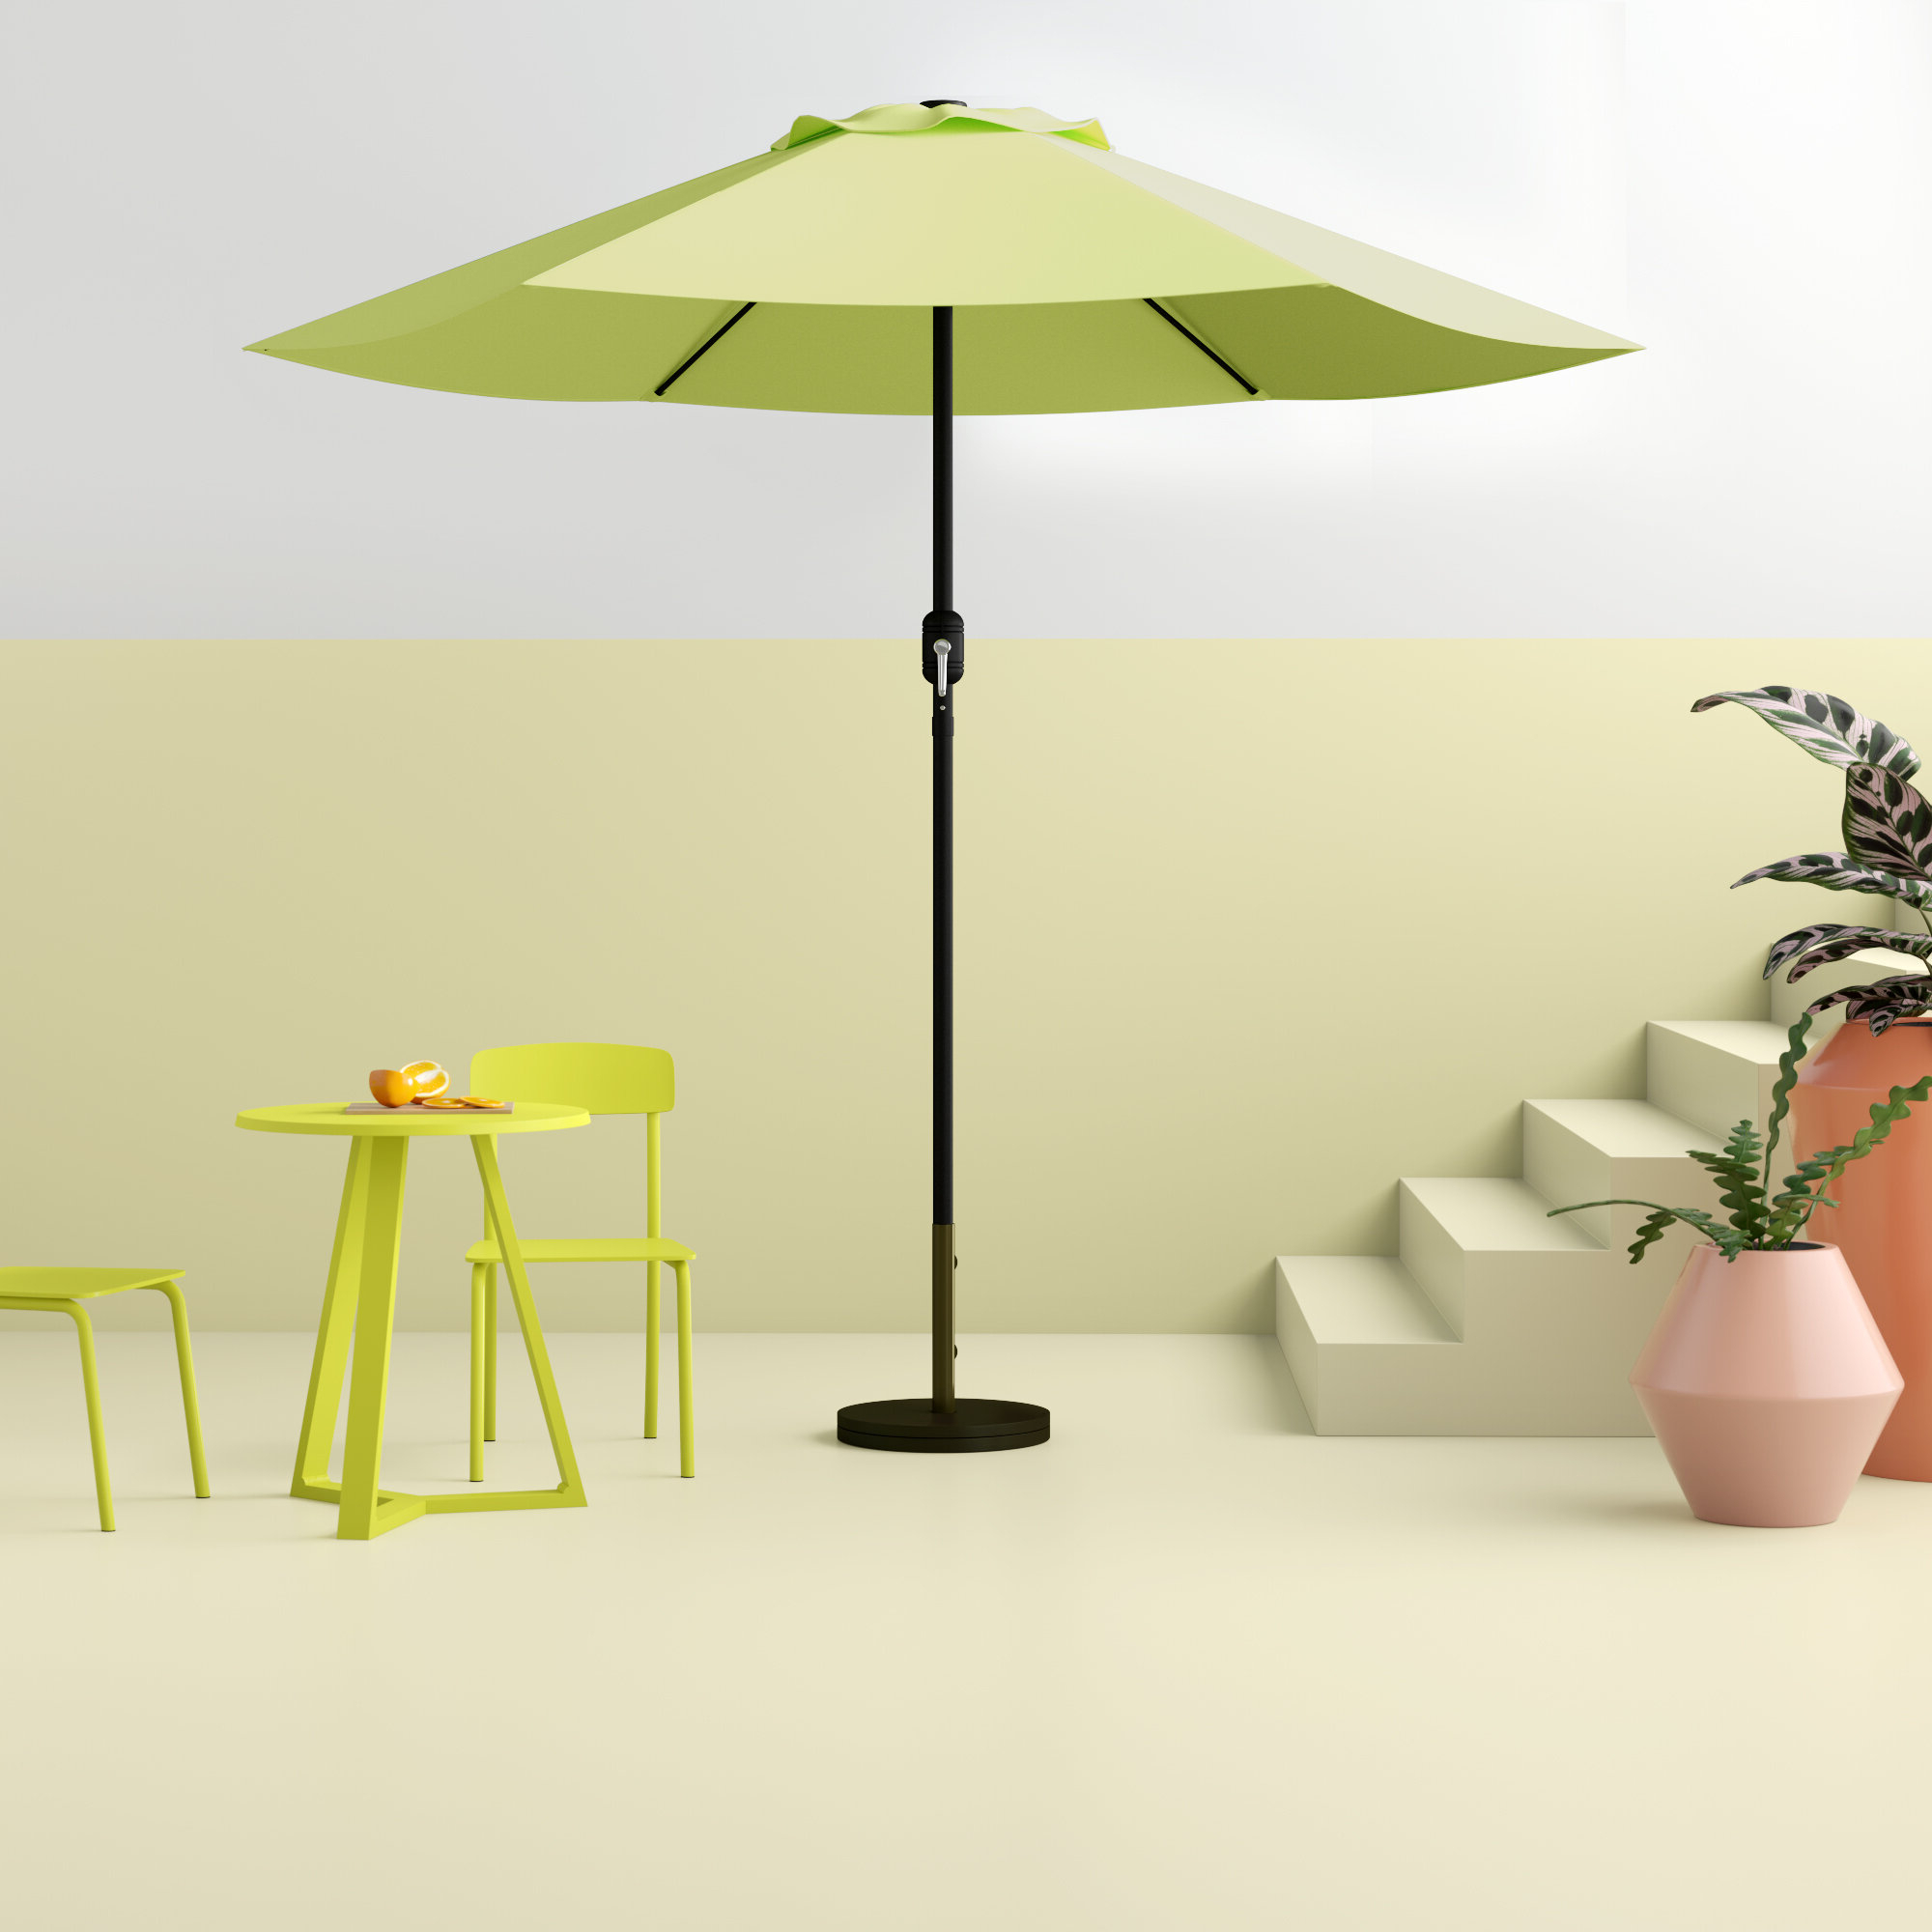 Featured Photo of Bradford Patio Market Umbrellas